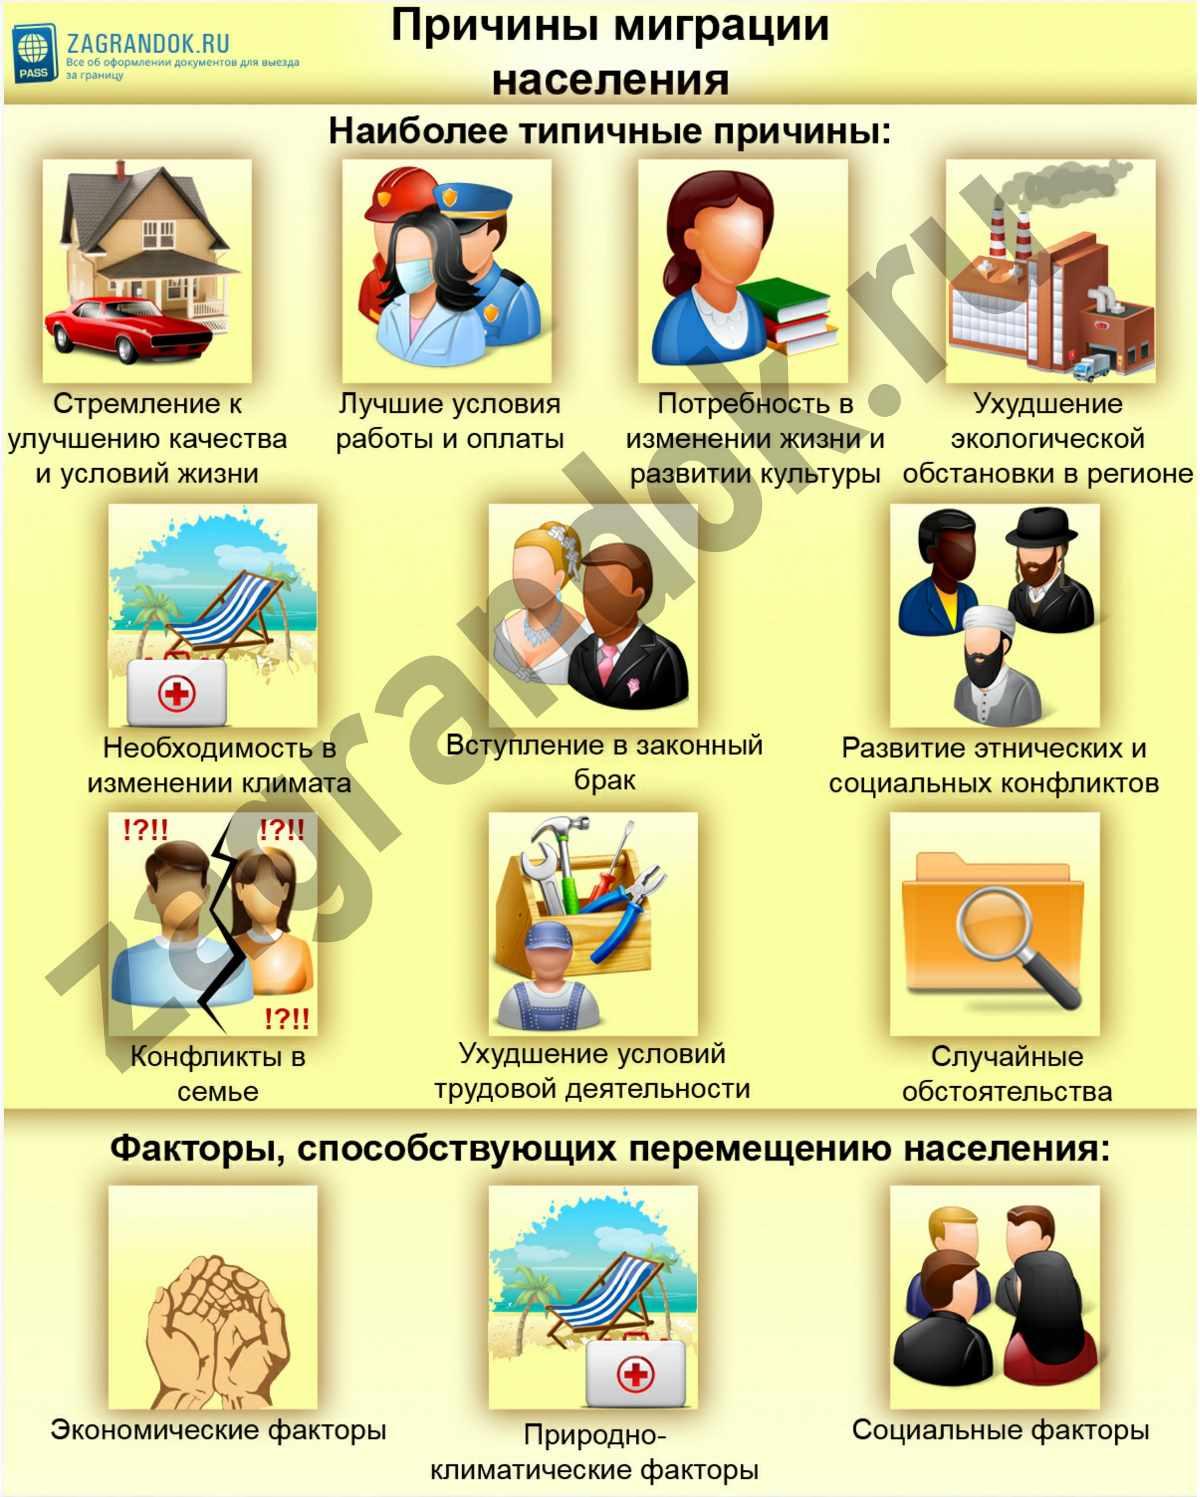 Причины миграции населения